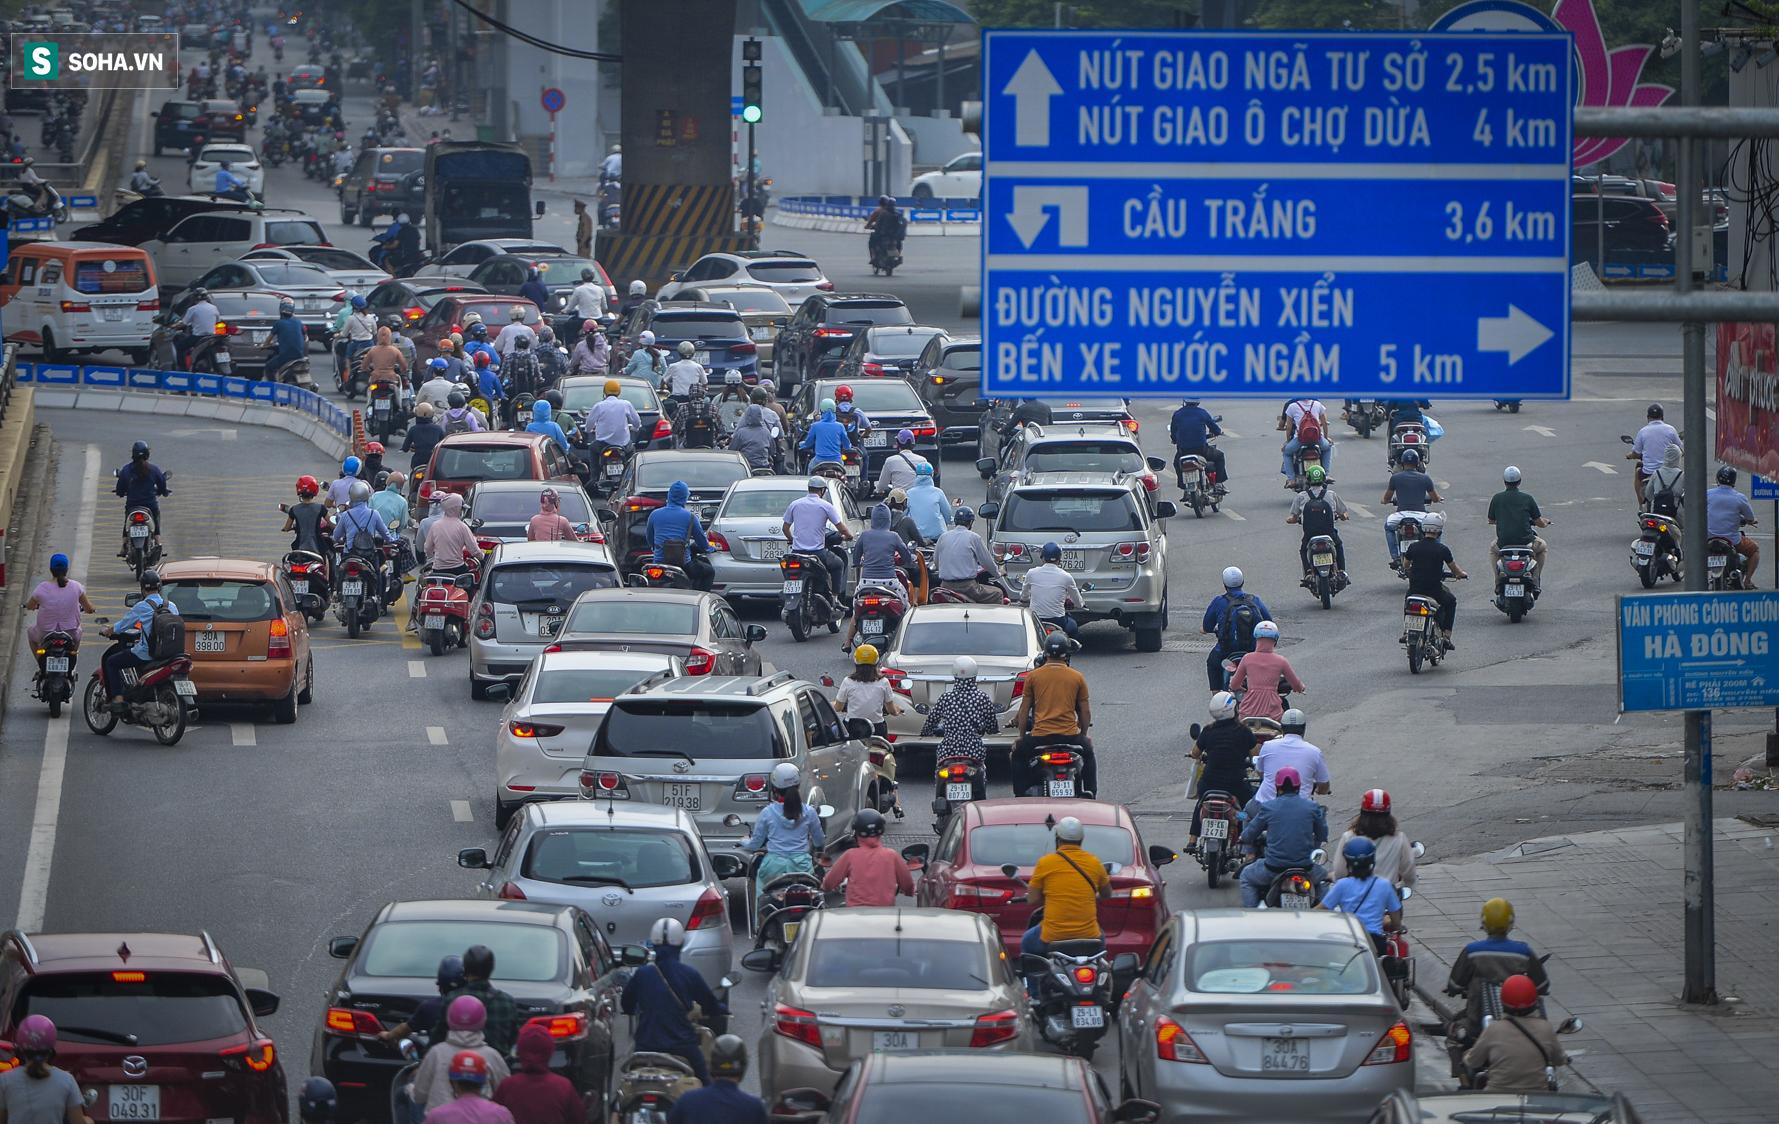 Ngày cuối giãn cách xã hội đợt 4, nhiều tuyến phố Hà Nội xe cộ tấp nập - Ảnh 9.